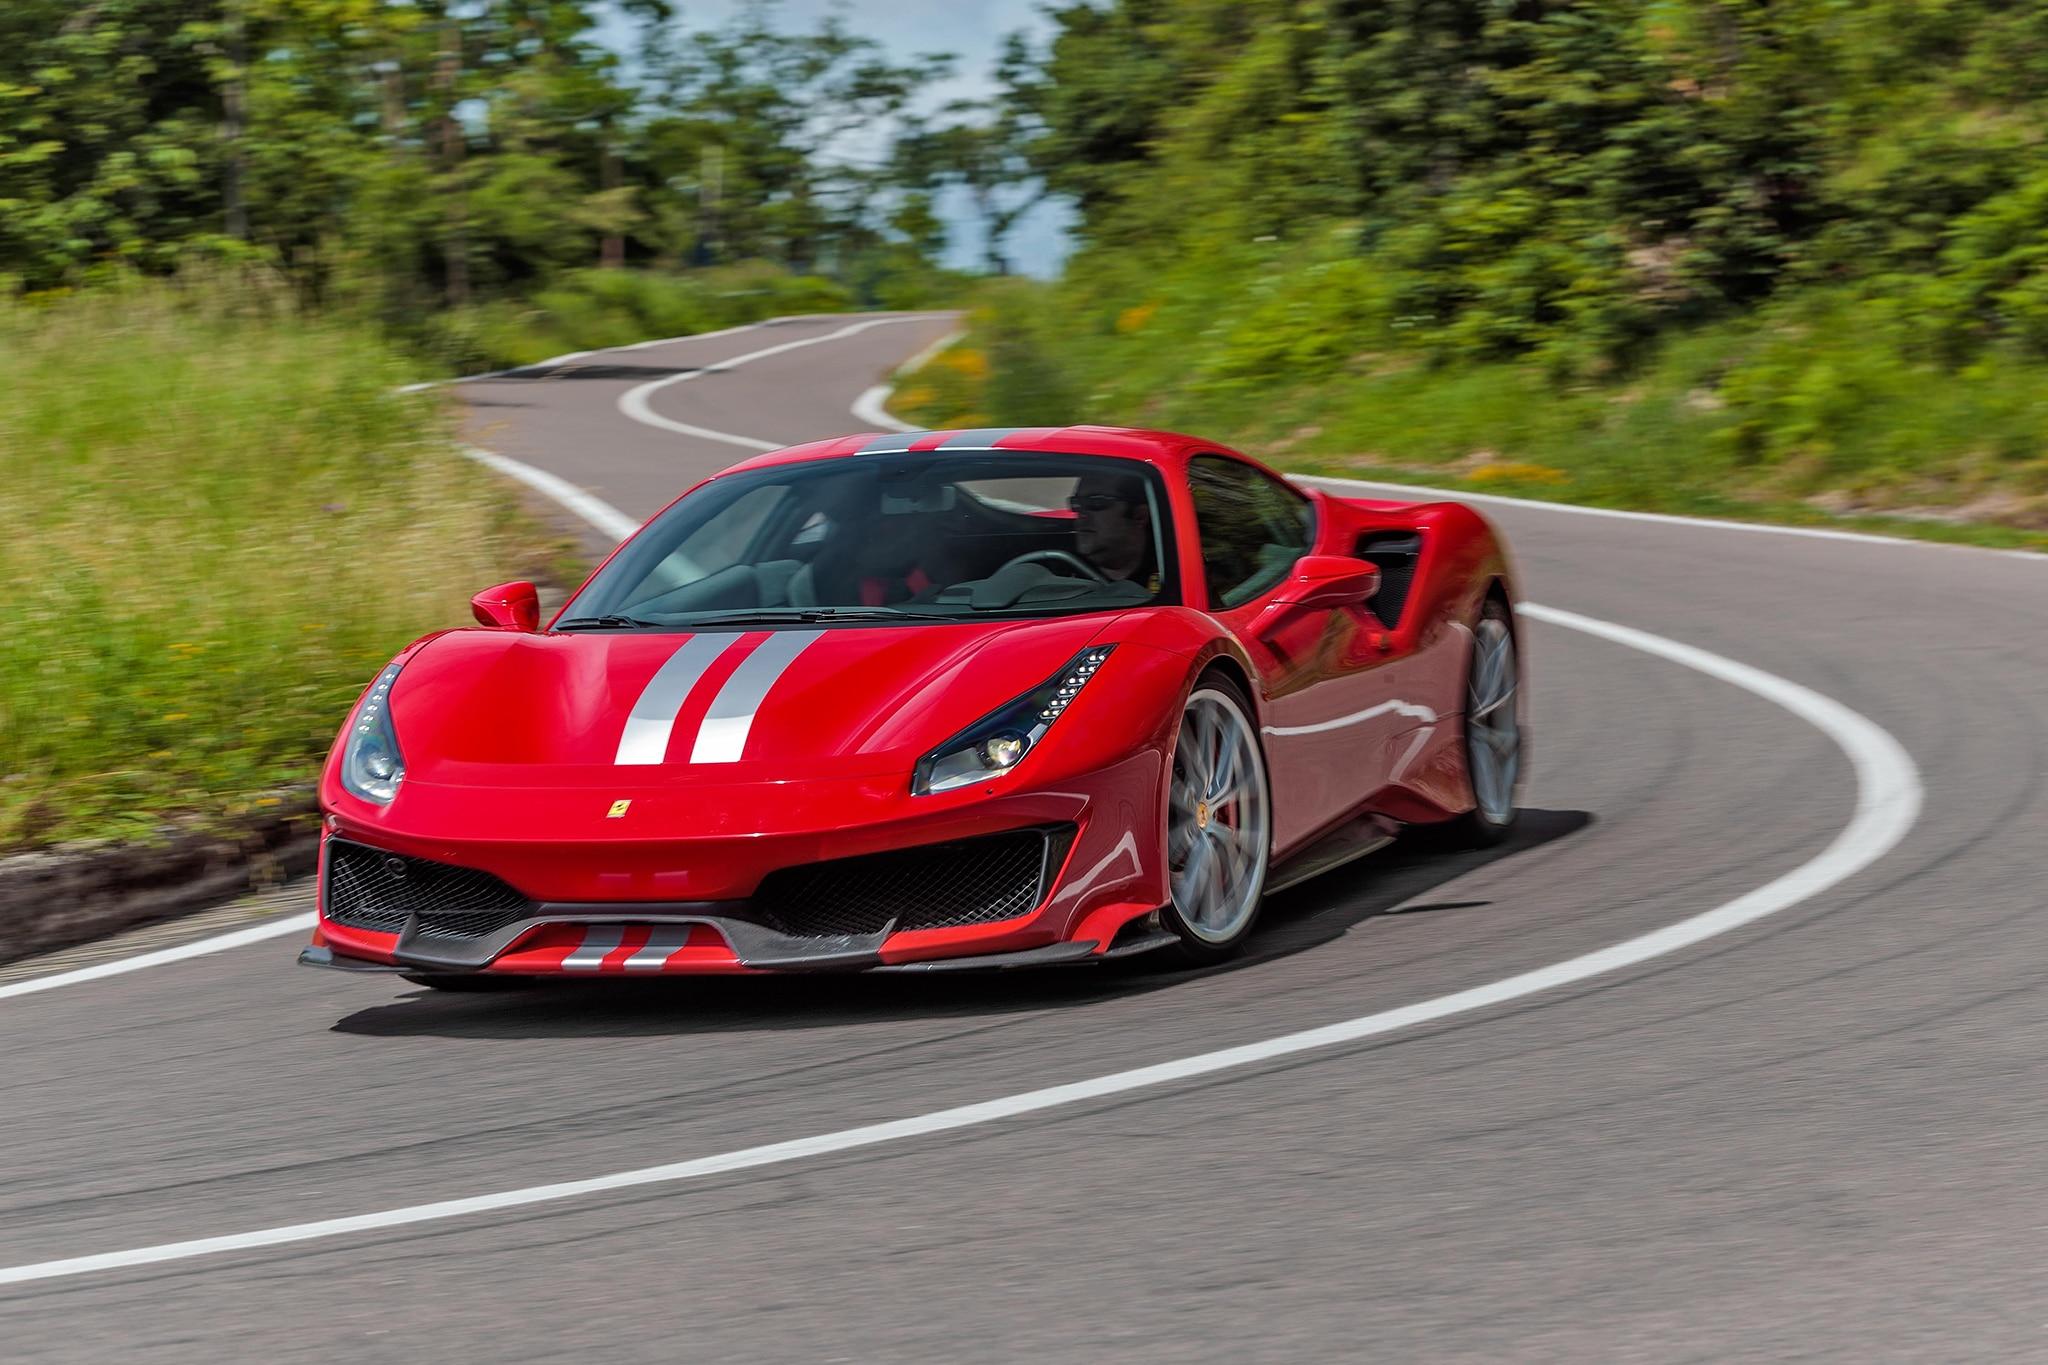 2019 Ferrari 488 Pista 09 1